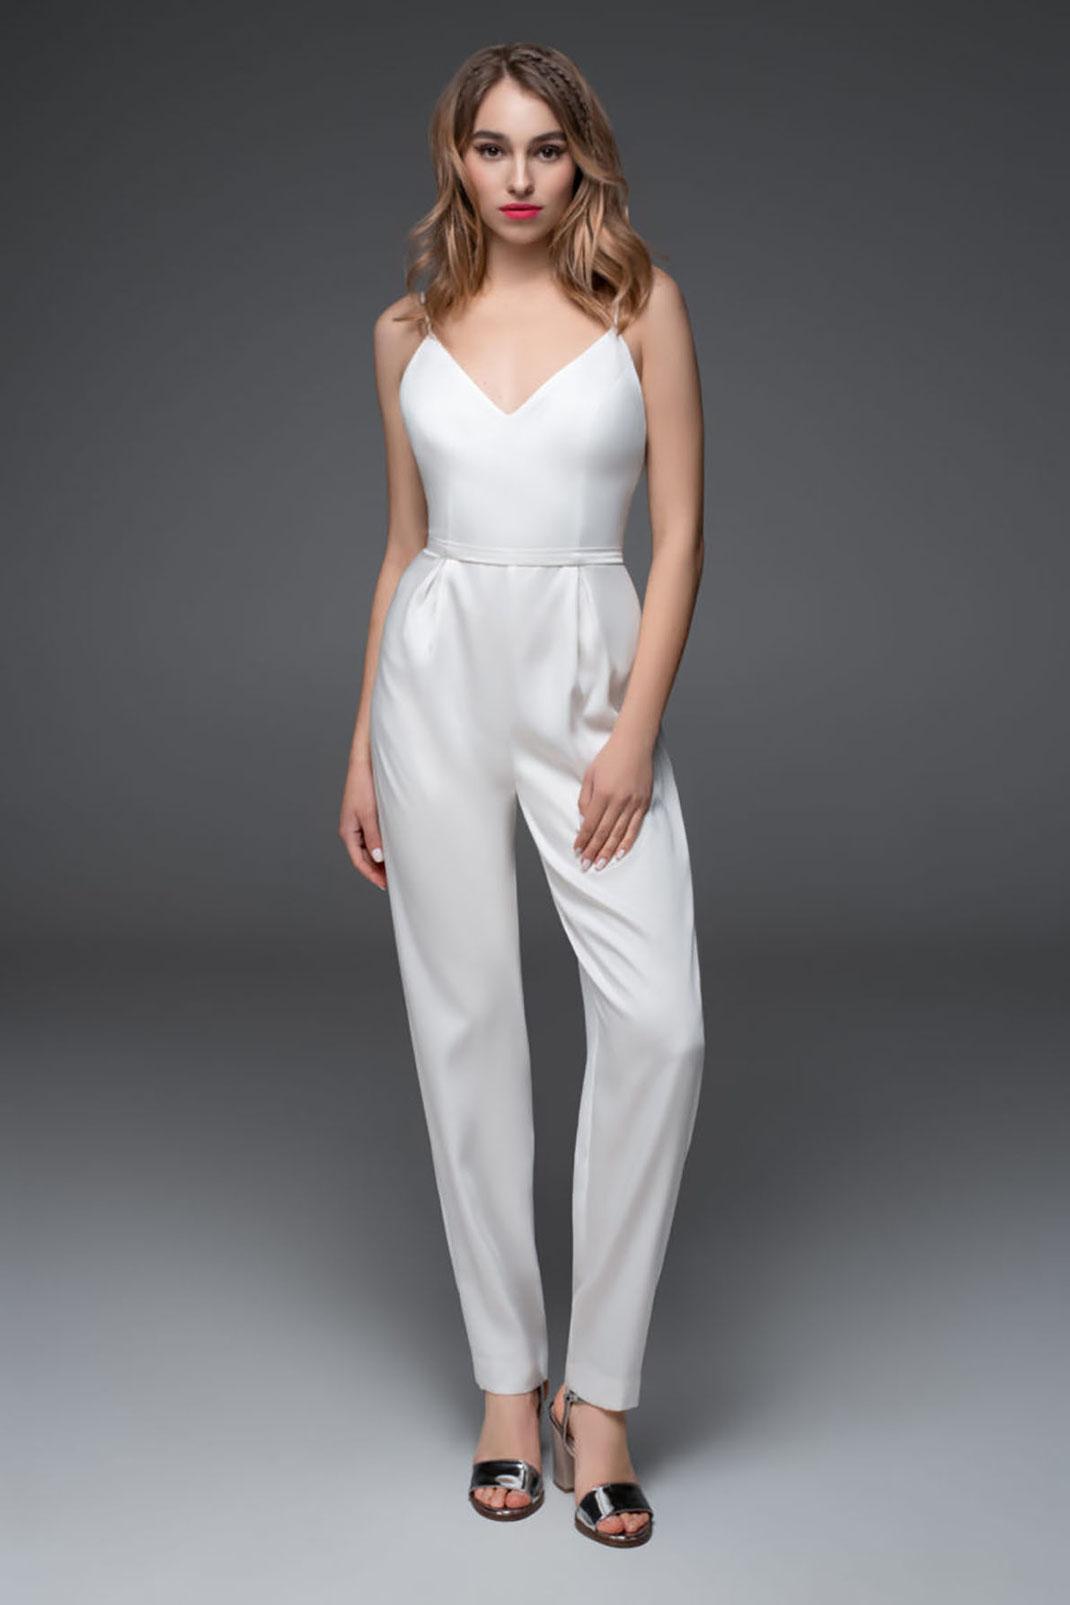 Edles Jumpsuit von Sadoni Bridal aus der Kollektion Brautkleider 2022